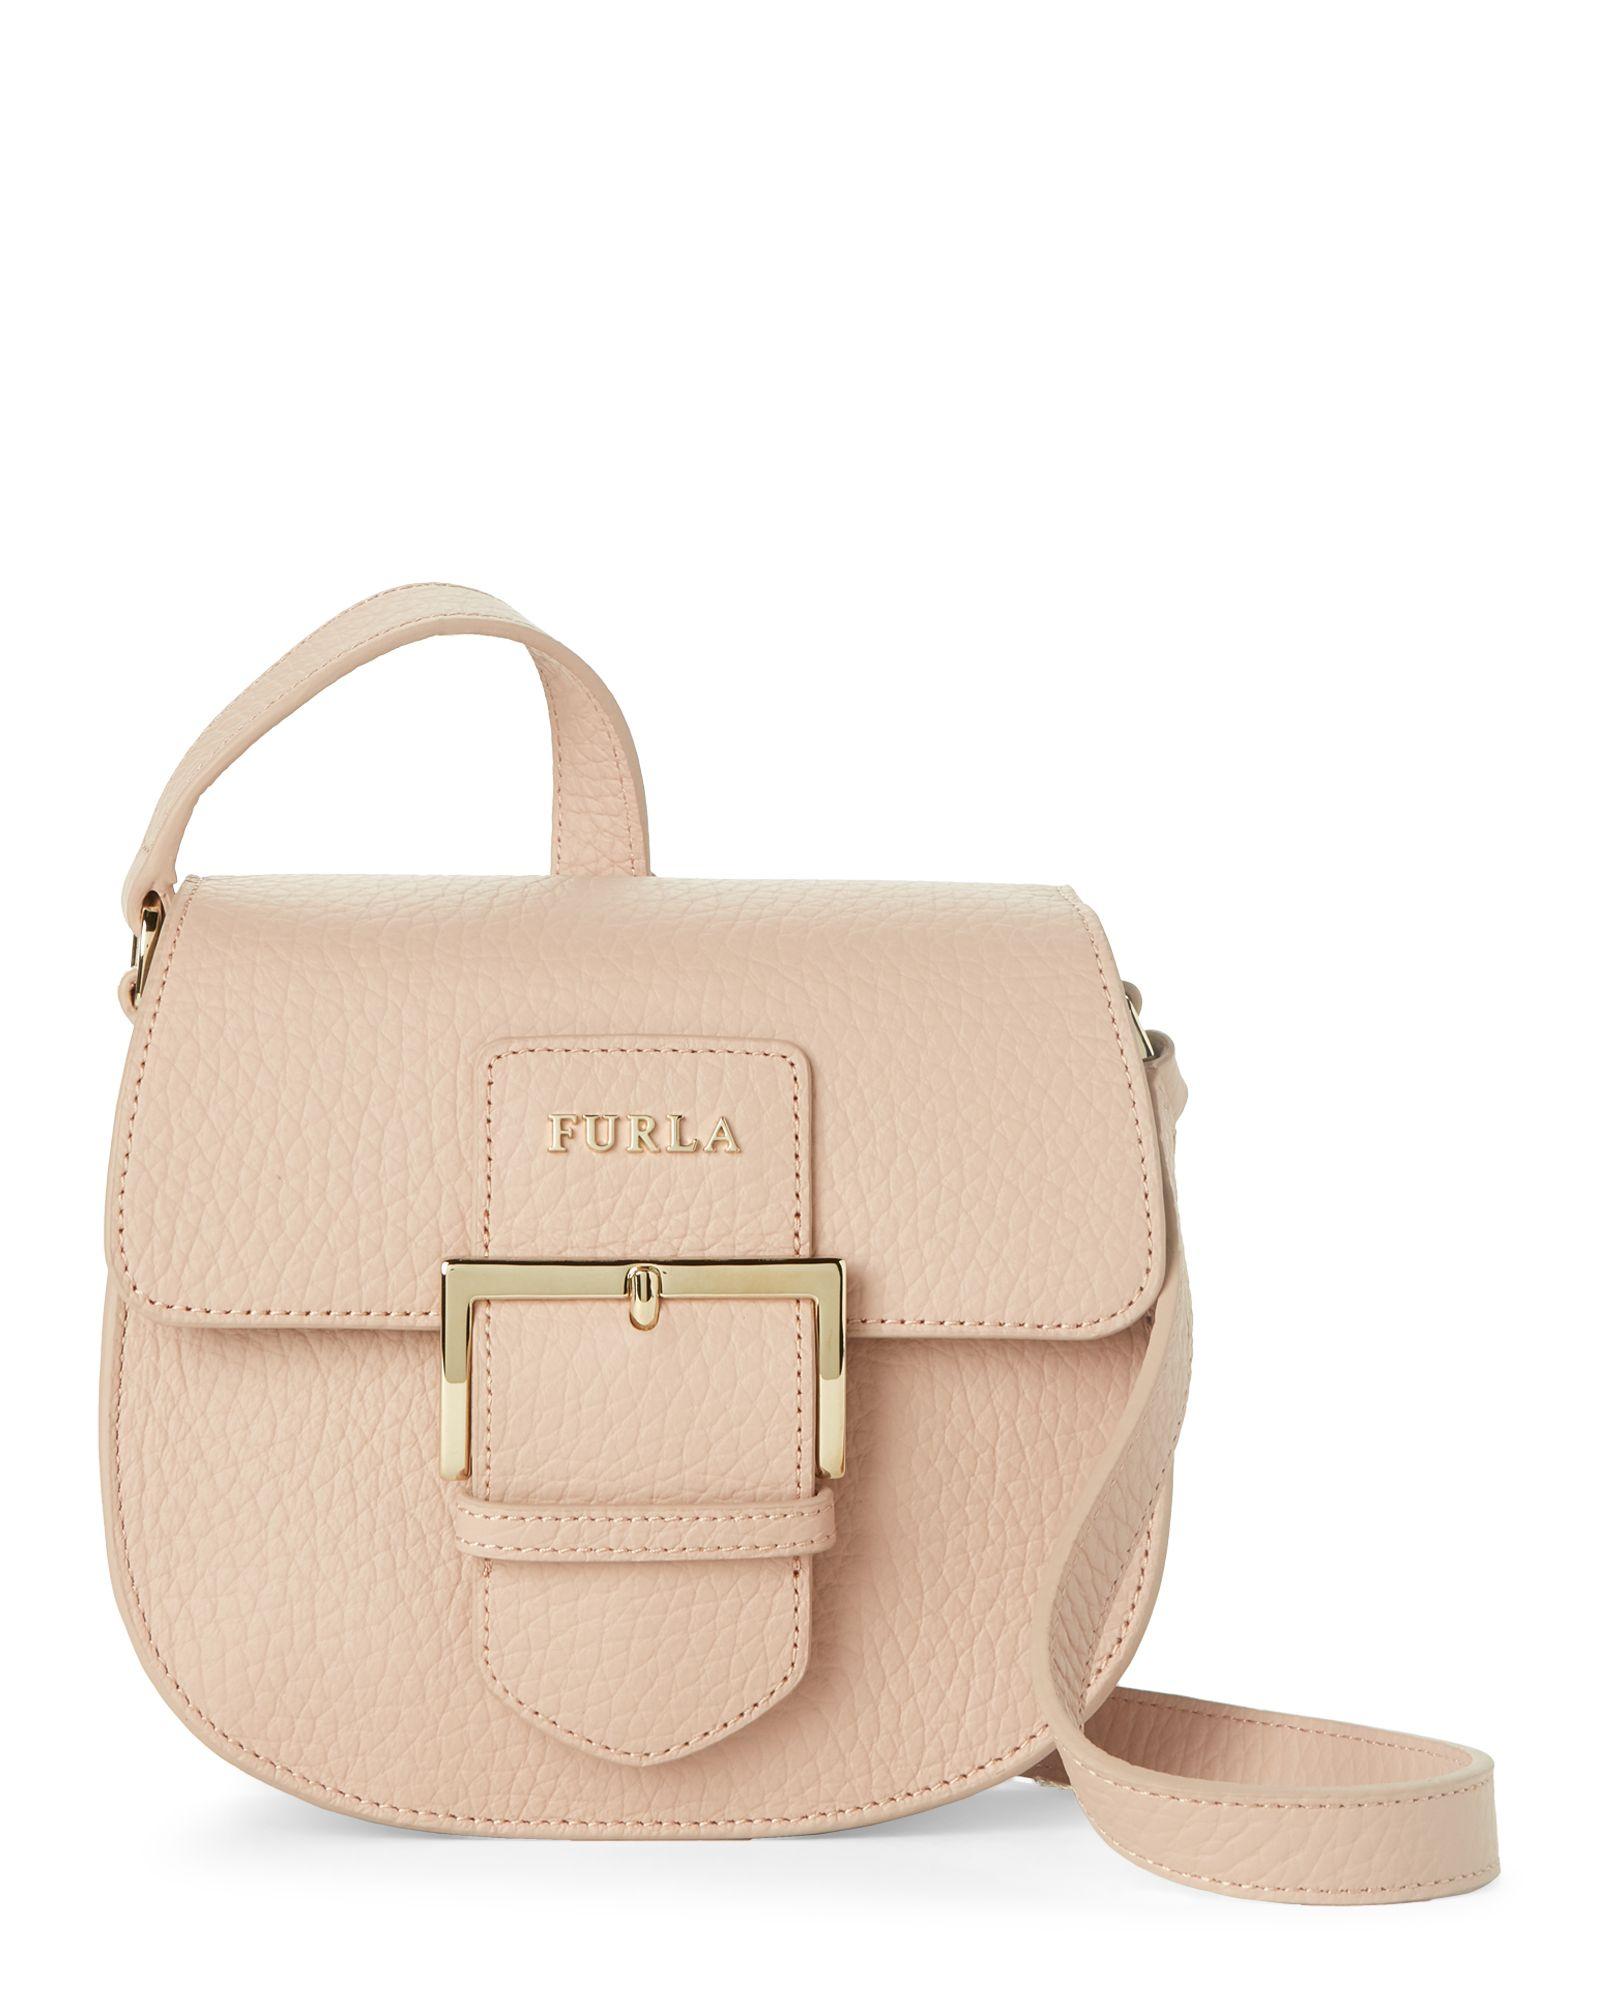 755ff9884eb8 Furla Moonstone Leather Flo Mini Saddle Bag Crossbody